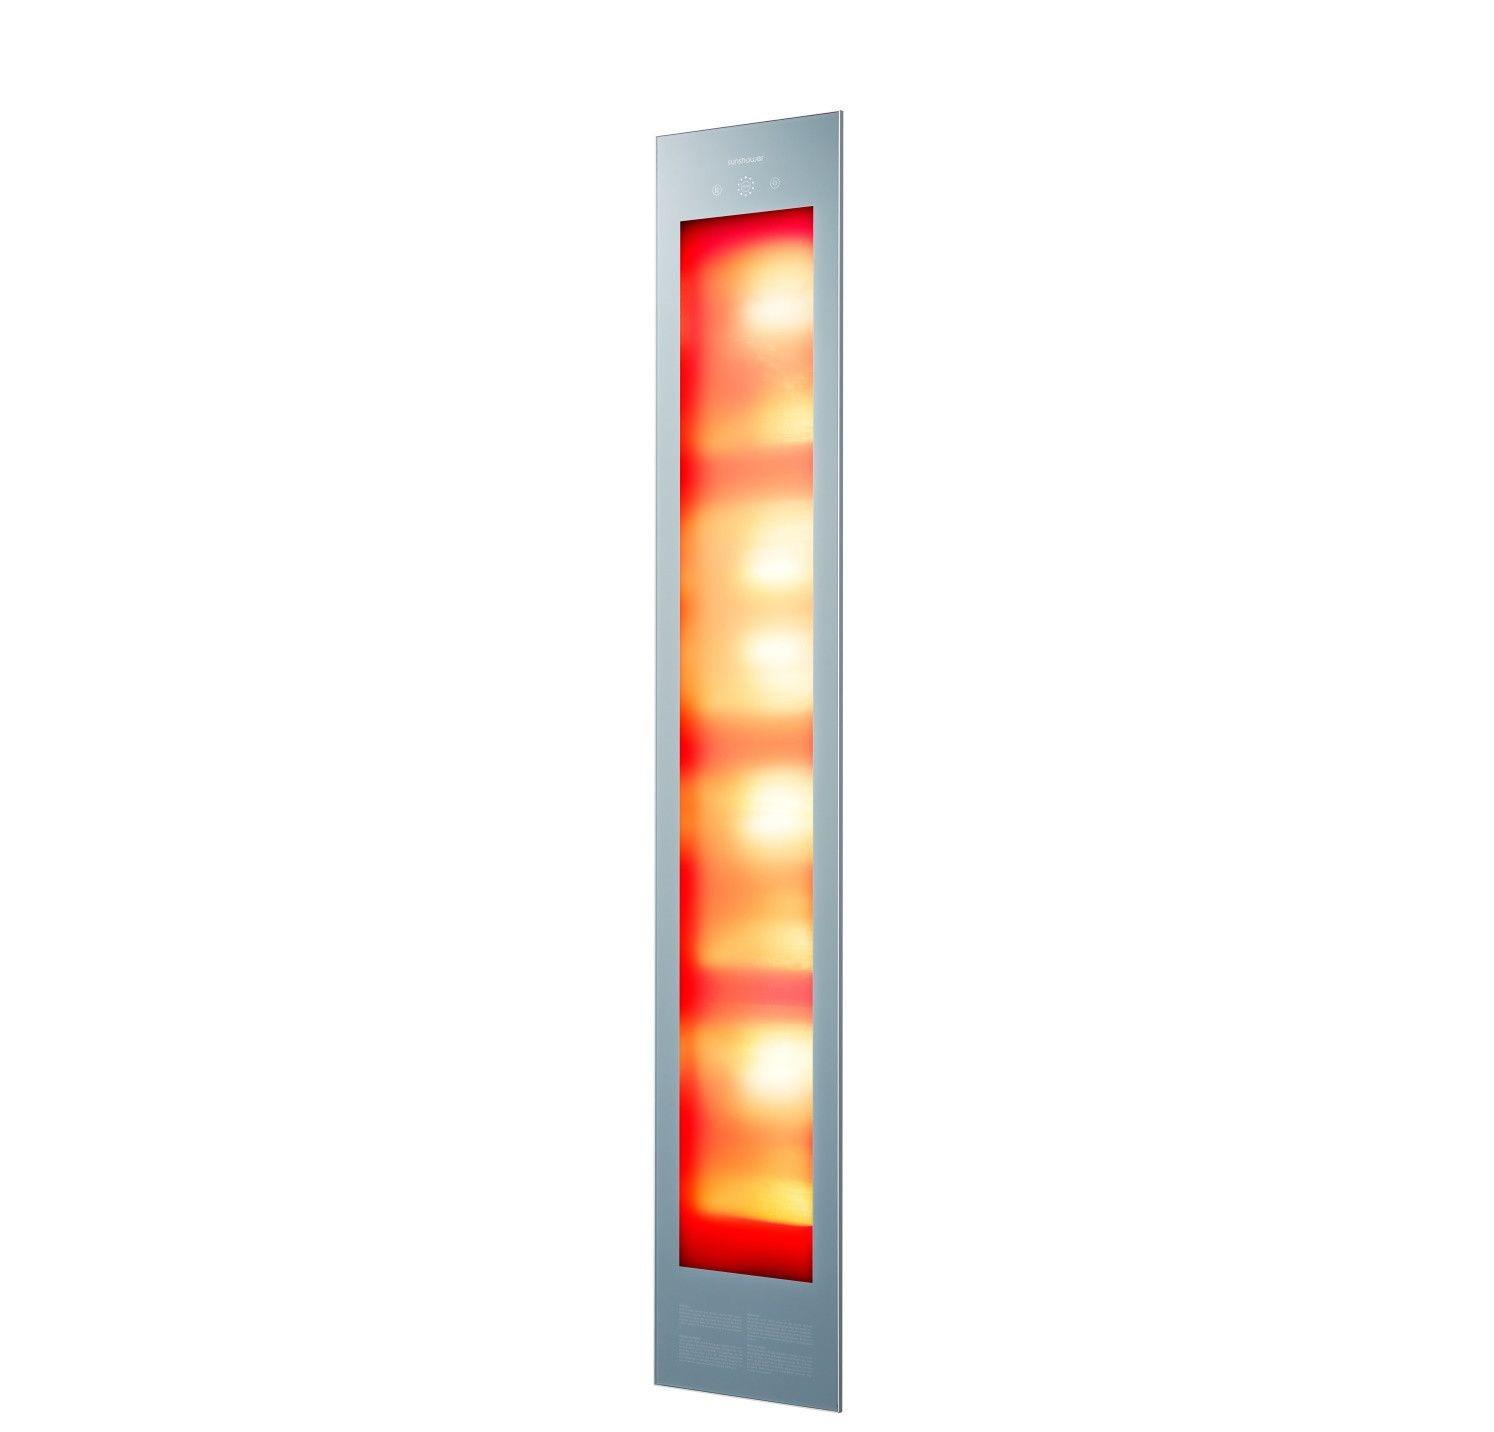 https://www.tegelensanitairmagazijn.nl/74094/sunshower-deluxe-organic-grey-uv-en-infrarood-inbouwapparaat-32x187x16-cm-aluminium-antraciet.jpg